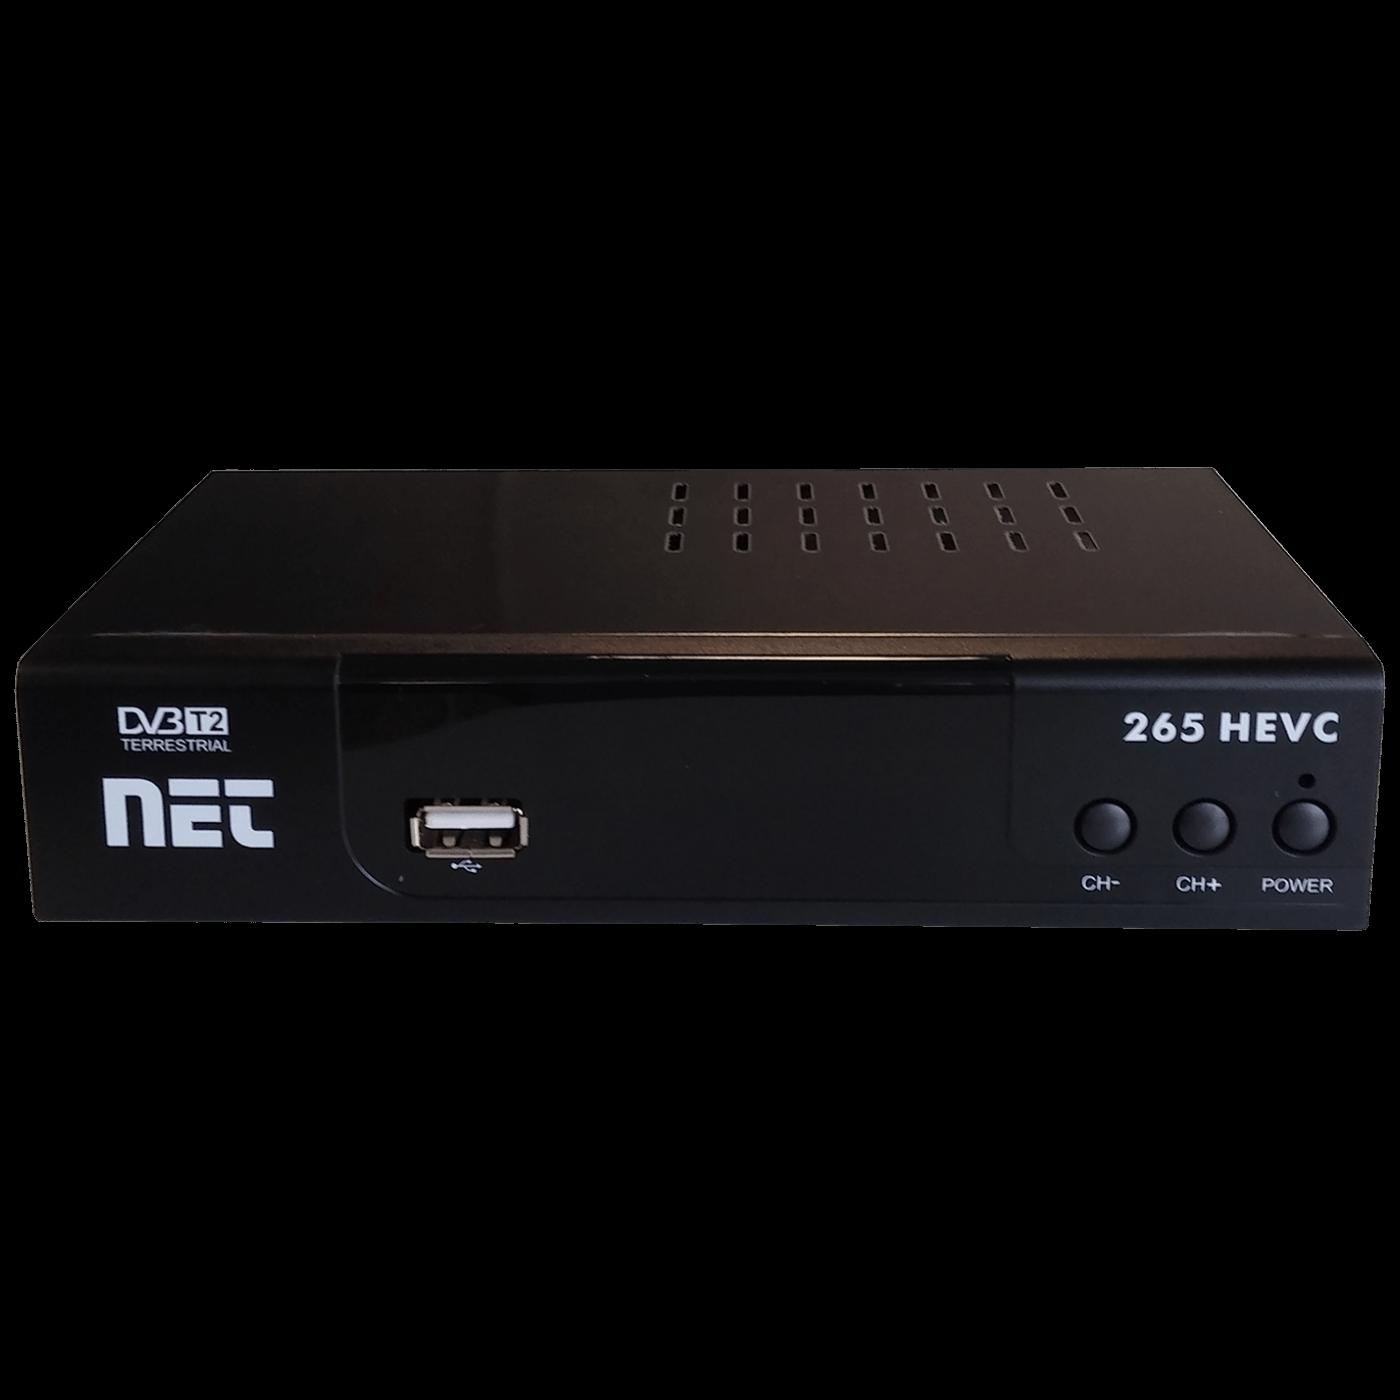 NET 265 HEVC